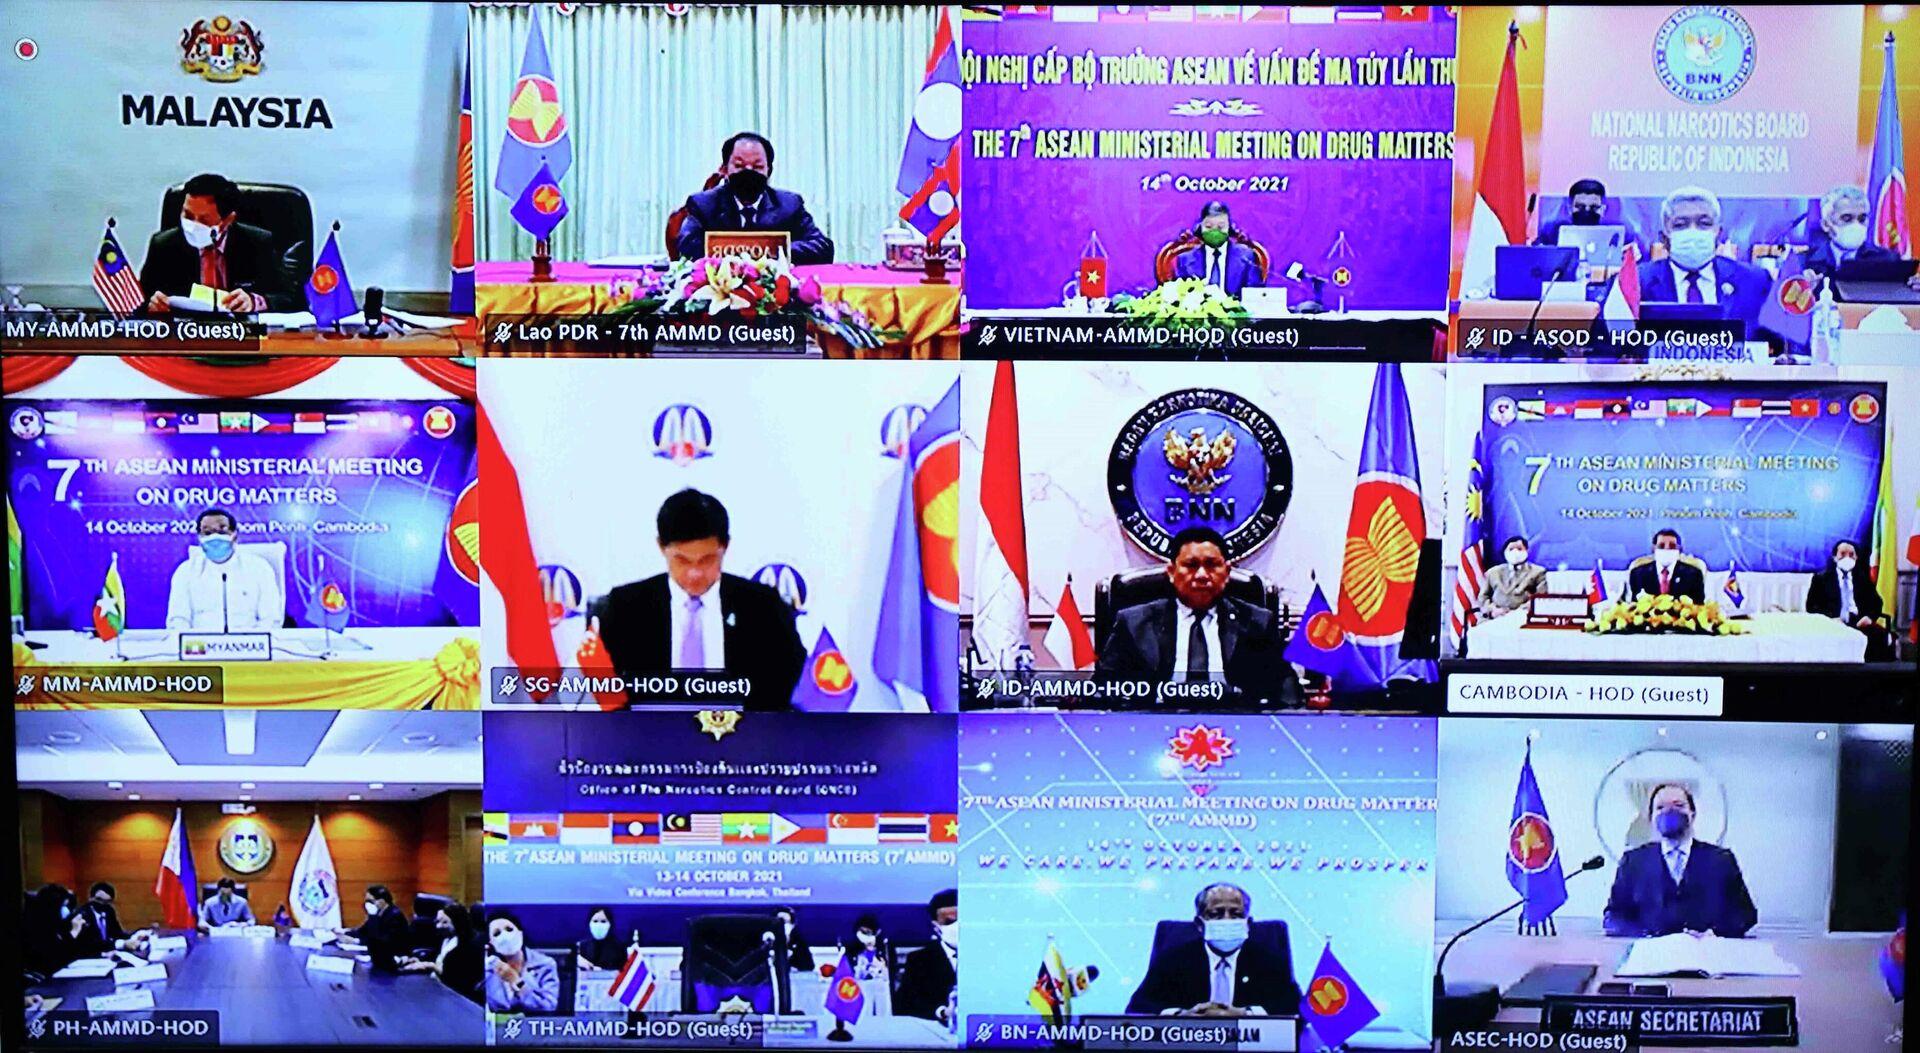 Bộ trưởng Bộ Công an Tô Lâm và các đại biểu dự Hội nghị theo hình thức trực tuyến  - Sputnik Việt Nam, 1920, 14.10.2021